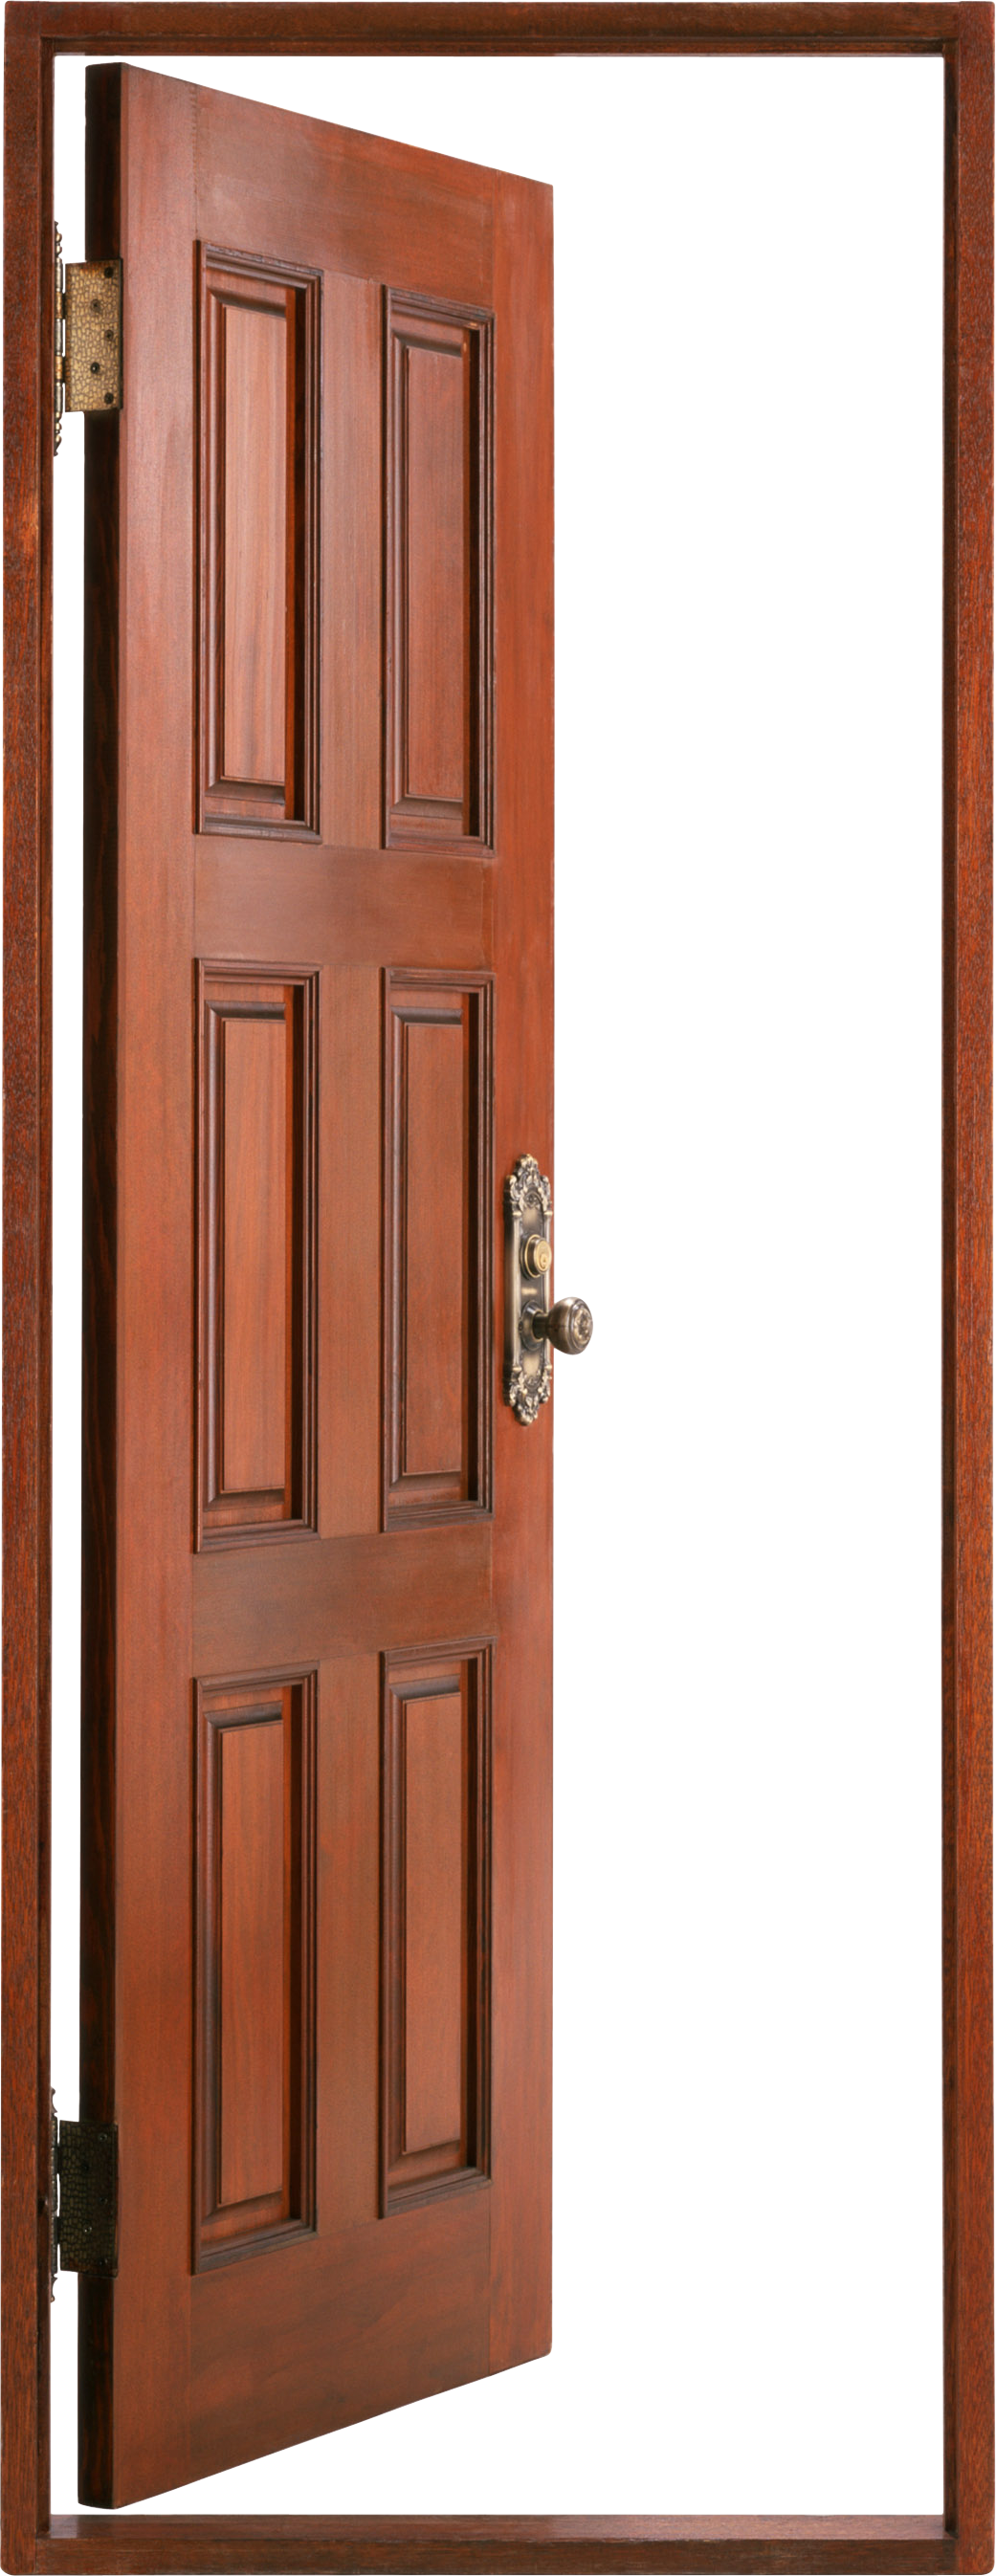 Clipart door transparent background, Clipart door ... (1041 x 2693 Pixel)